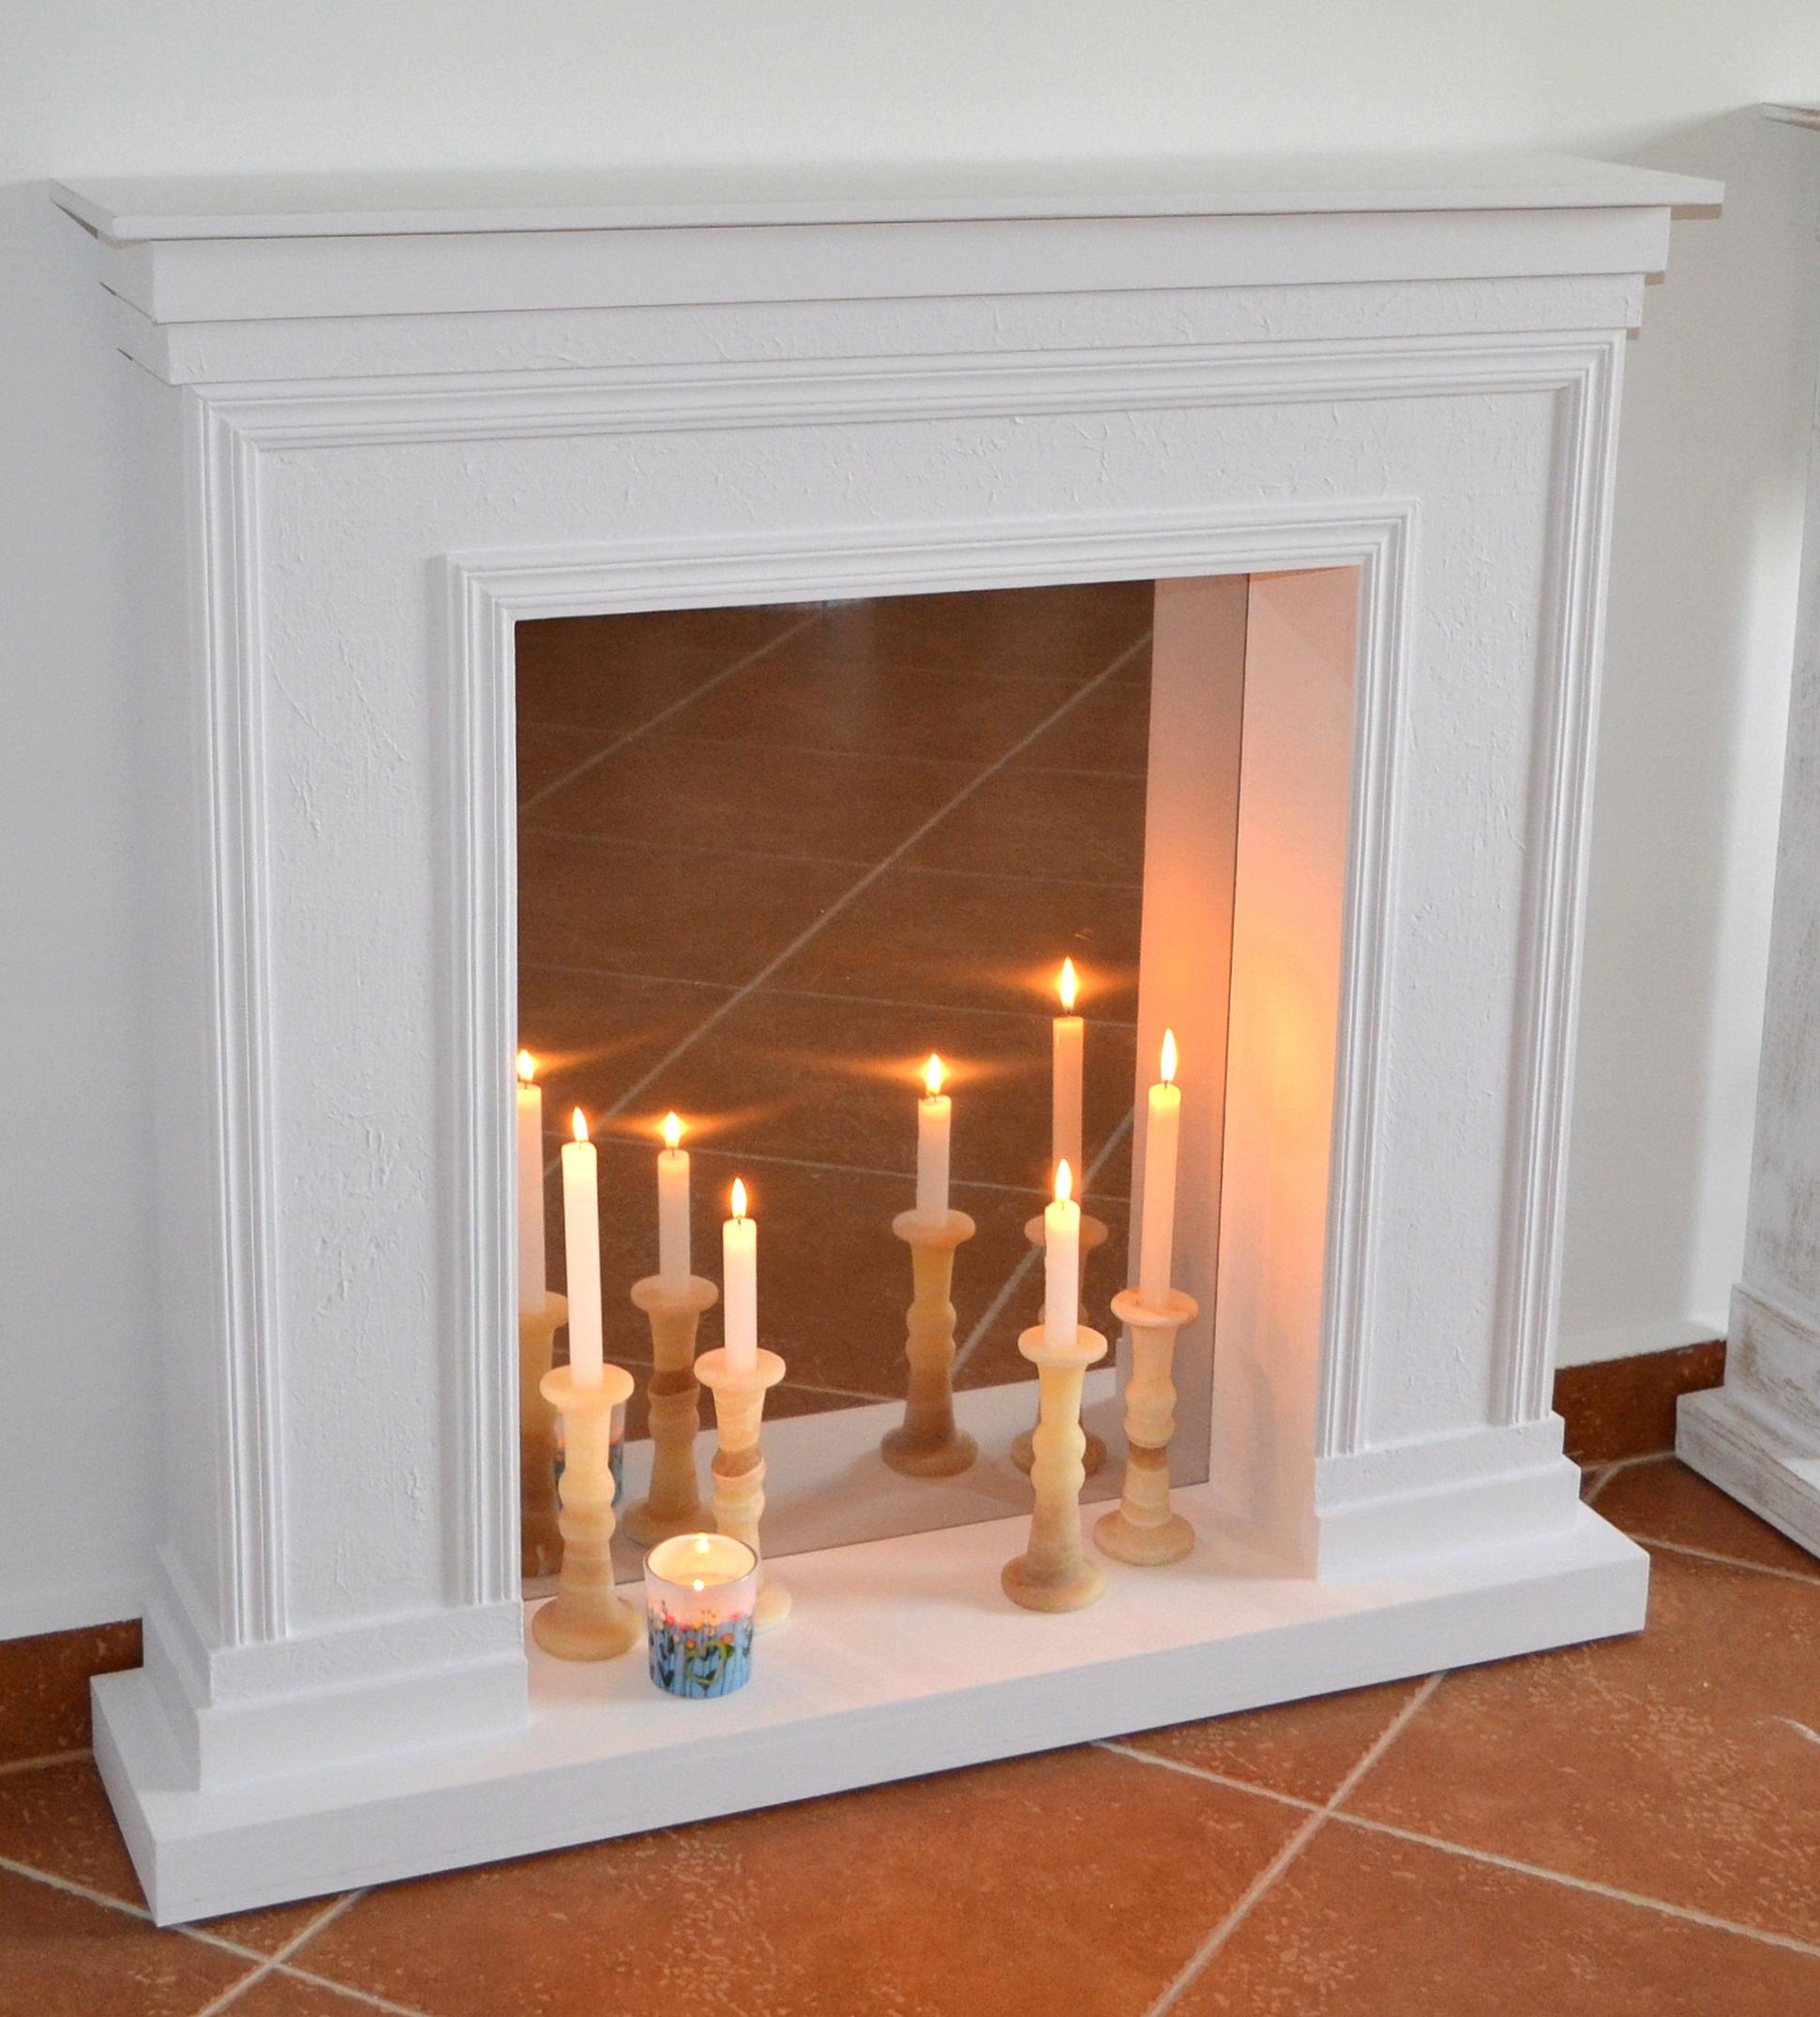 узкий длинный камин из свечей фото